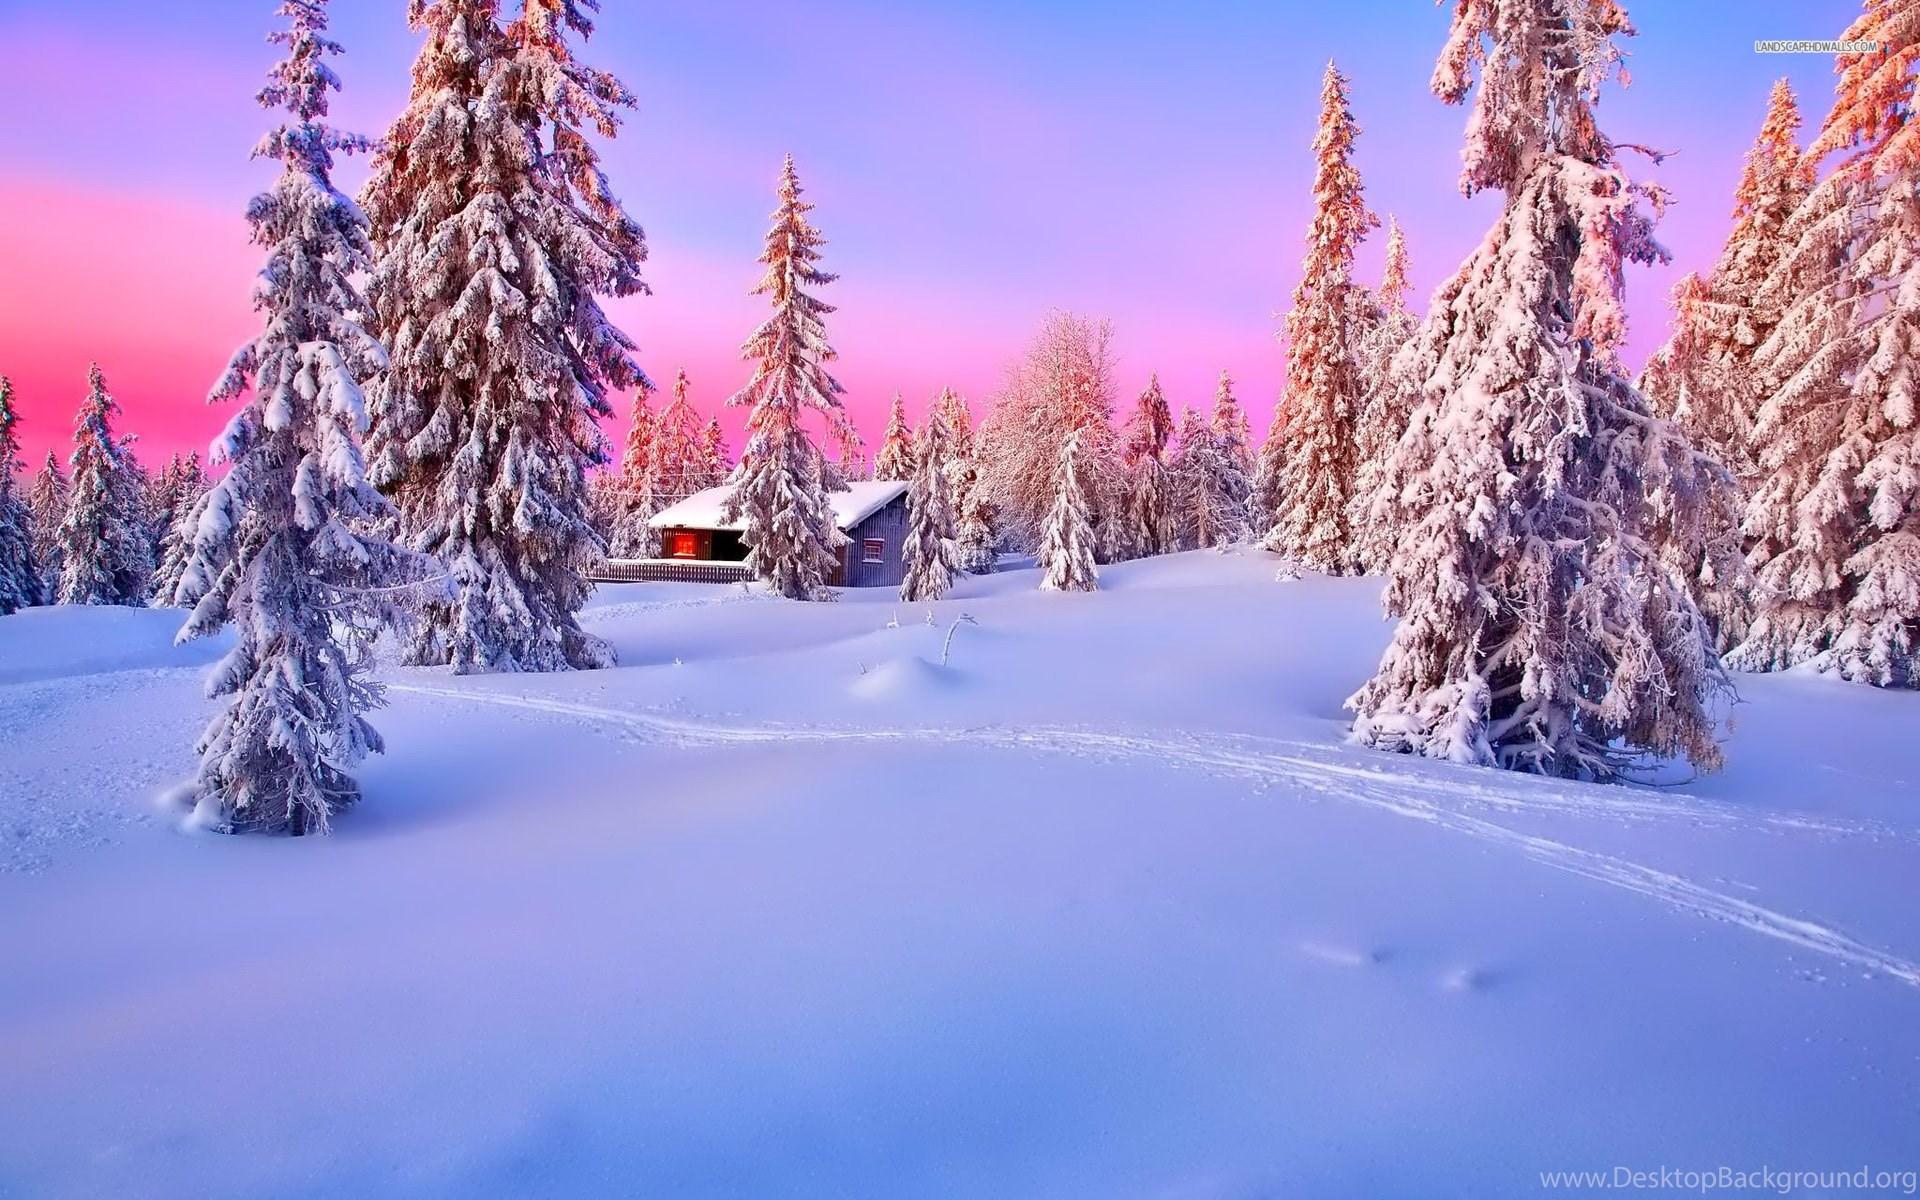 Cabin In The Snowy Woods Wallpaper Wwwbilderbestecom